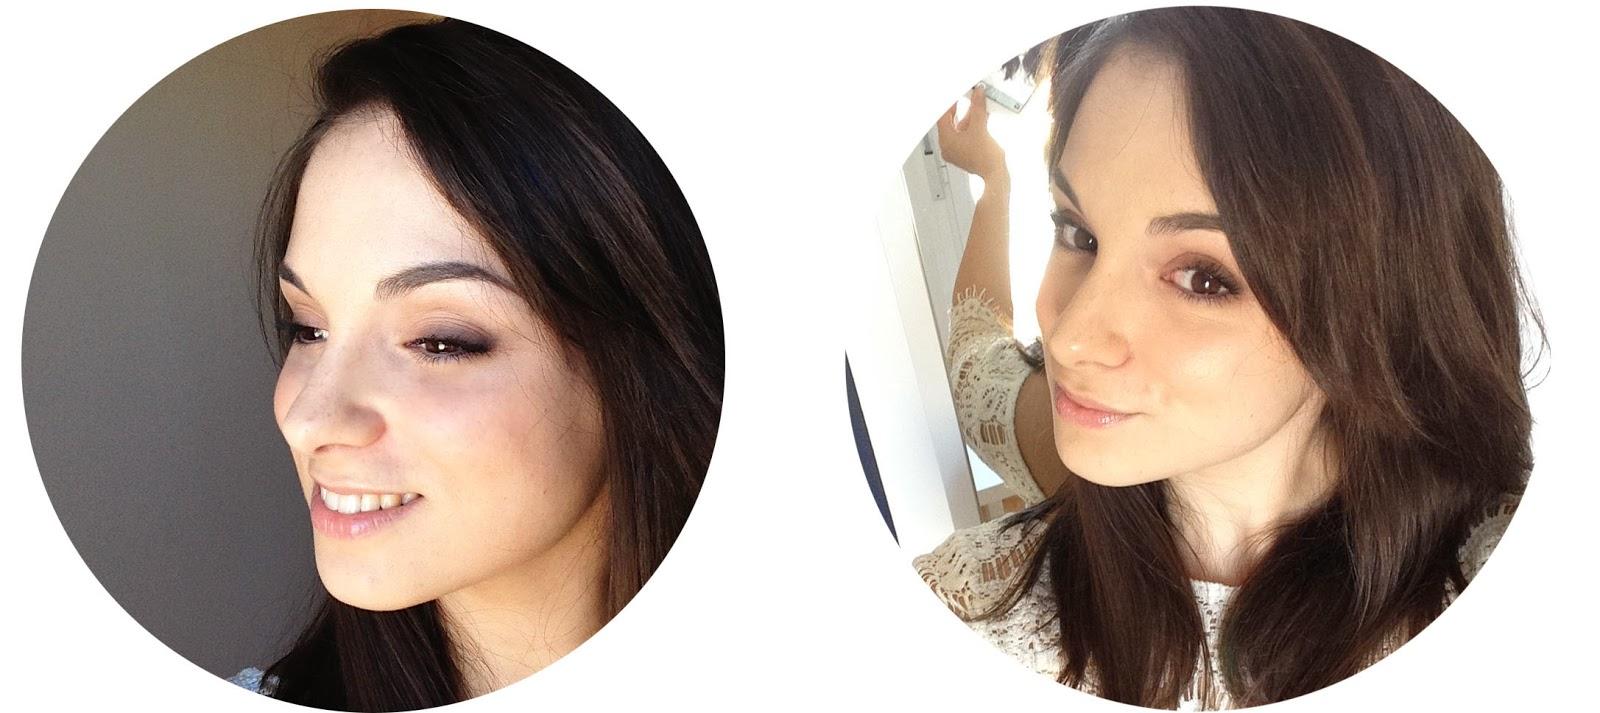 Maquillaje de diario simple y rápido